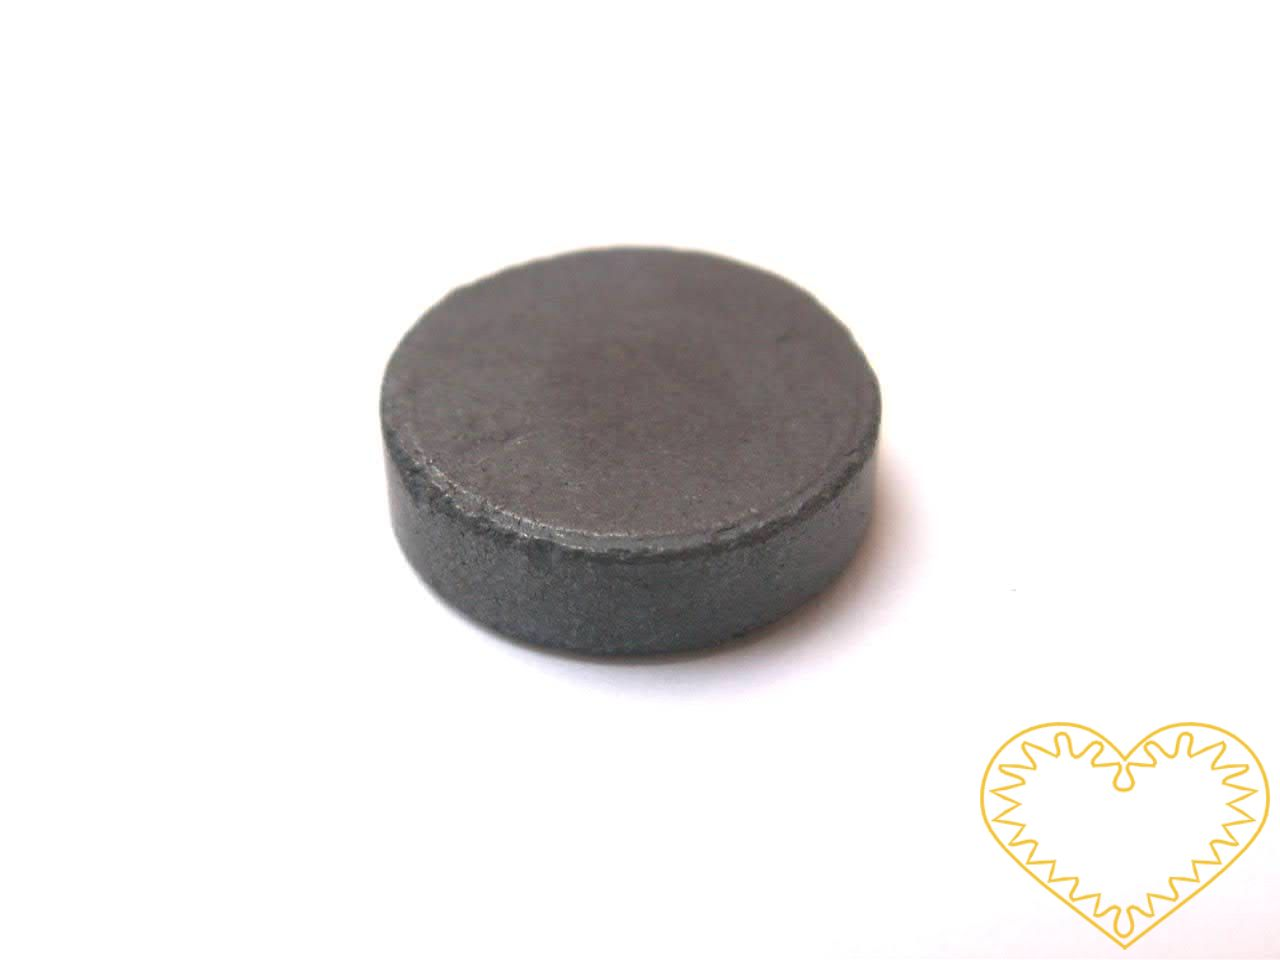 Magnet kulatý šedý Ø 16 mm. Vhodný na magnetickou tabuli, nástěnku, flipchart či doma na lednici. Lze jej využít jako základ pro tvorbu vlastního originálního magnetu.